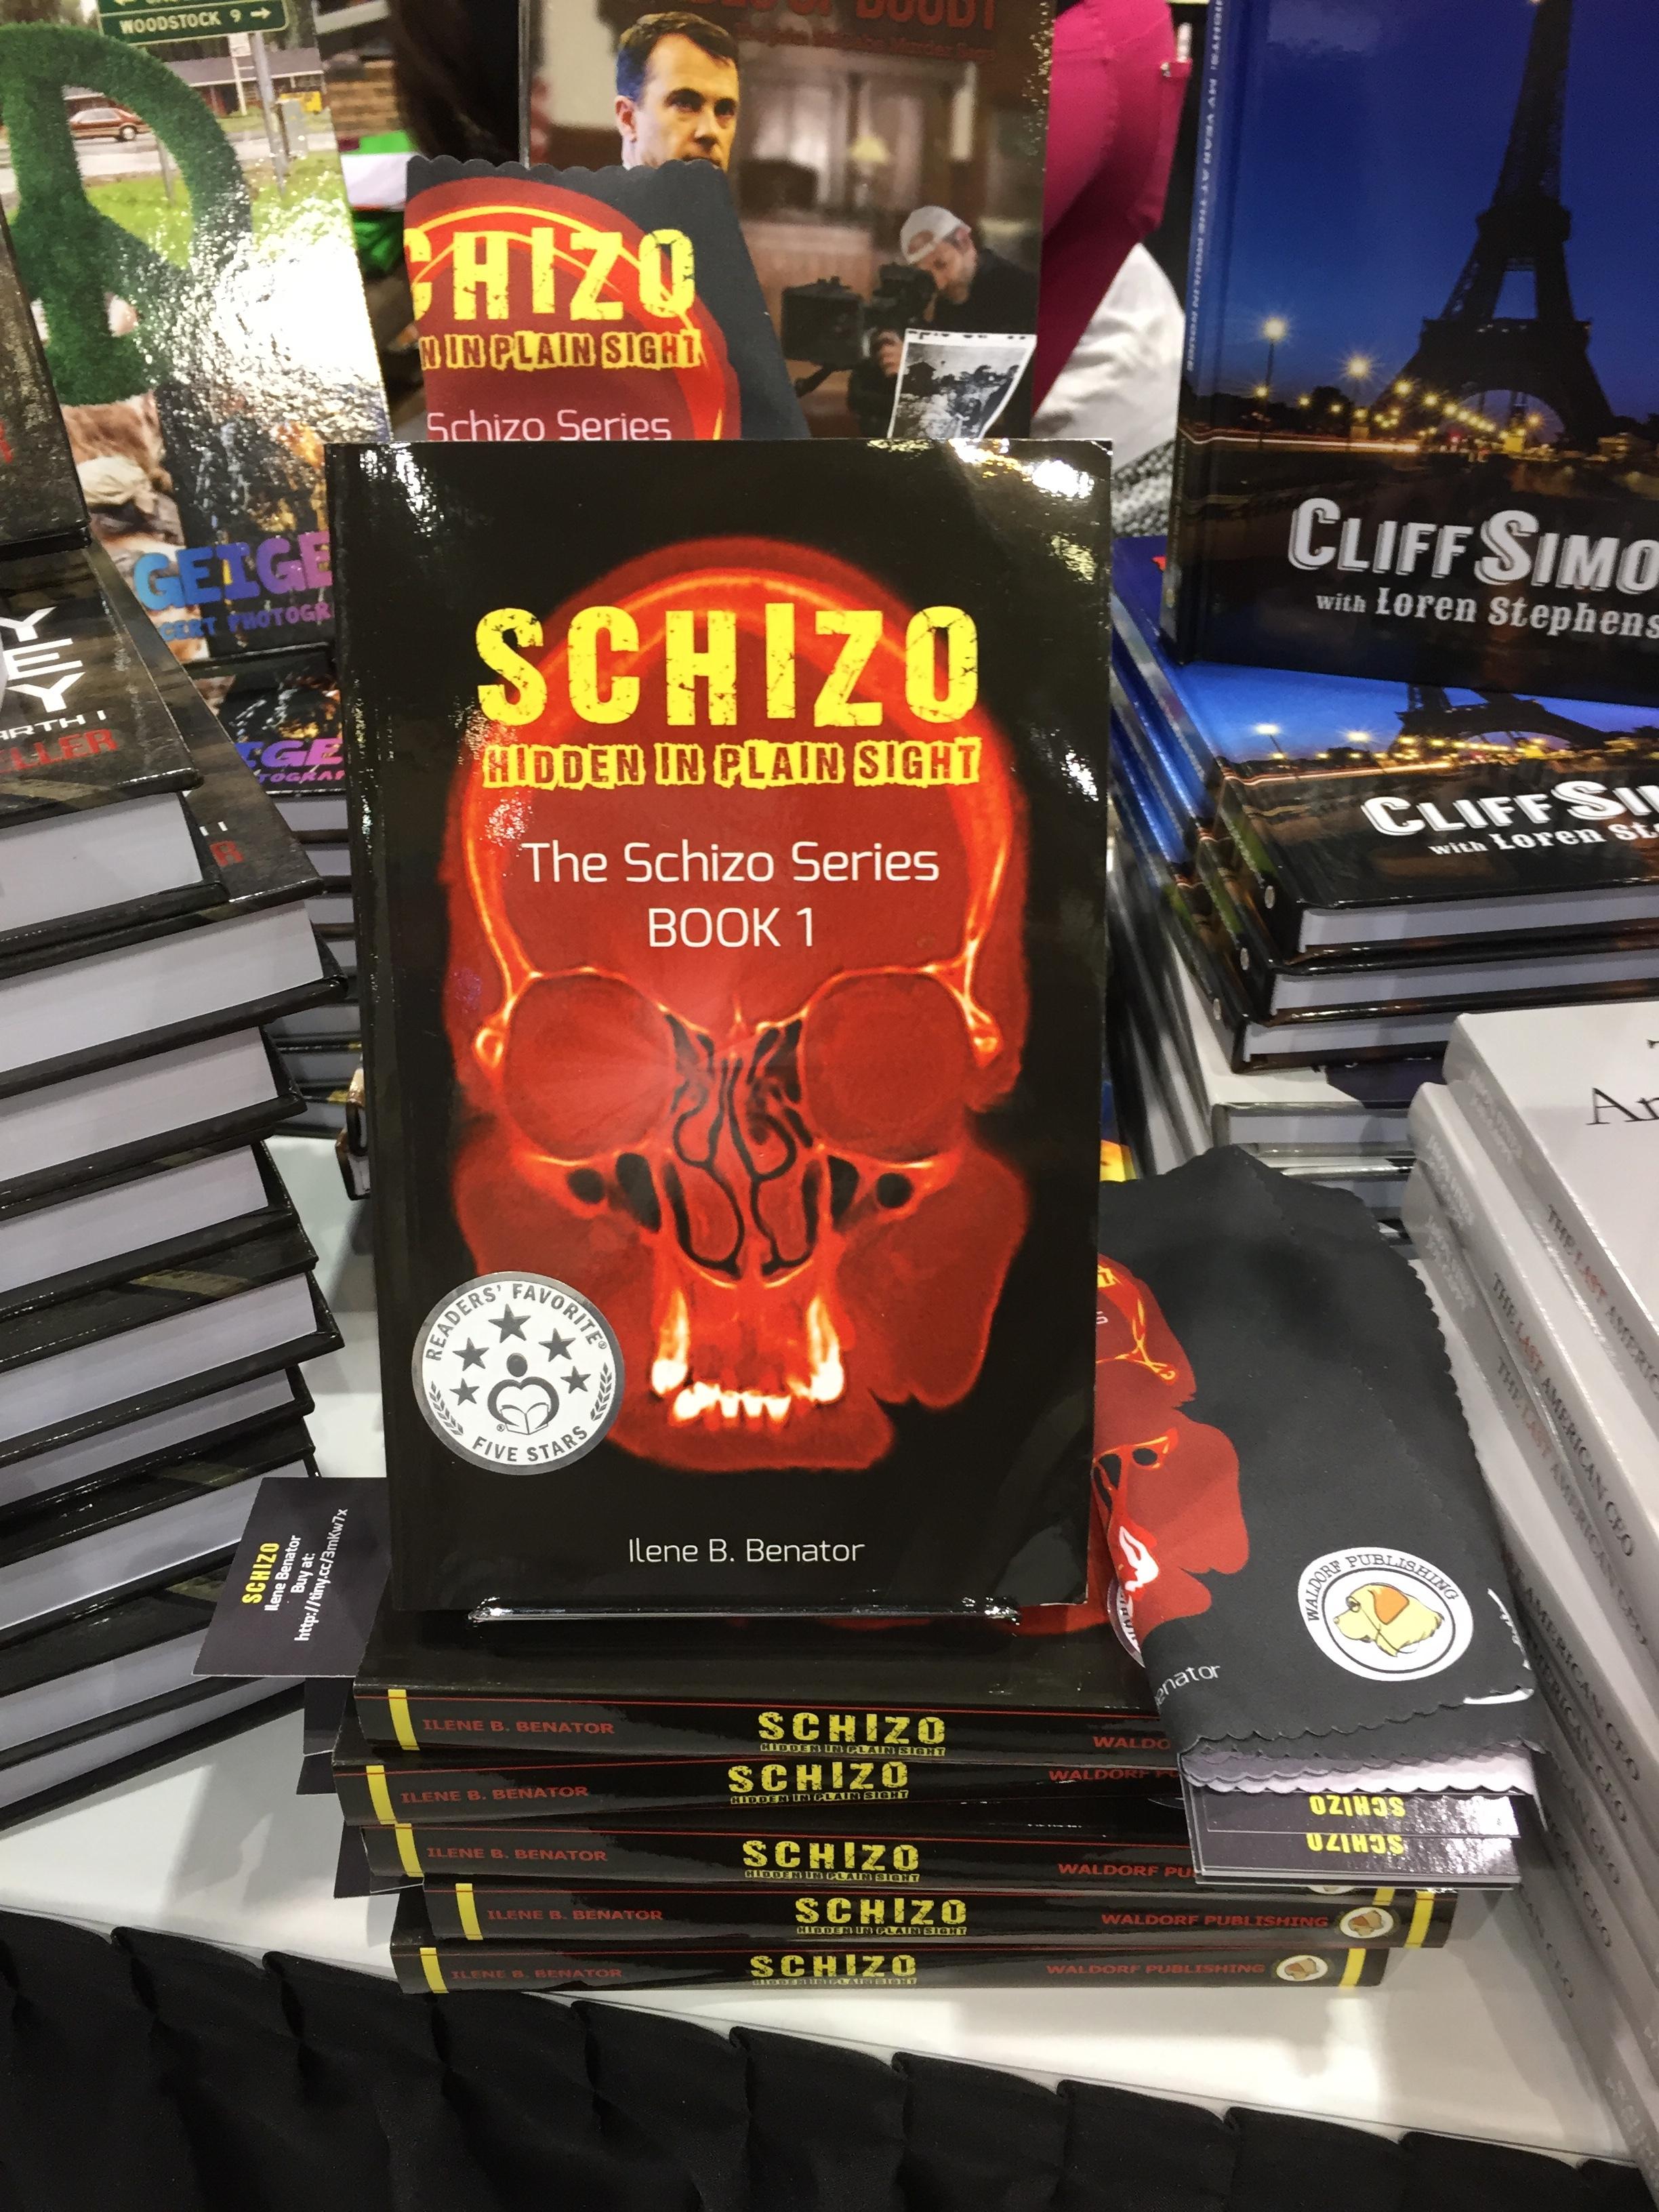 Shelfie of Schizo